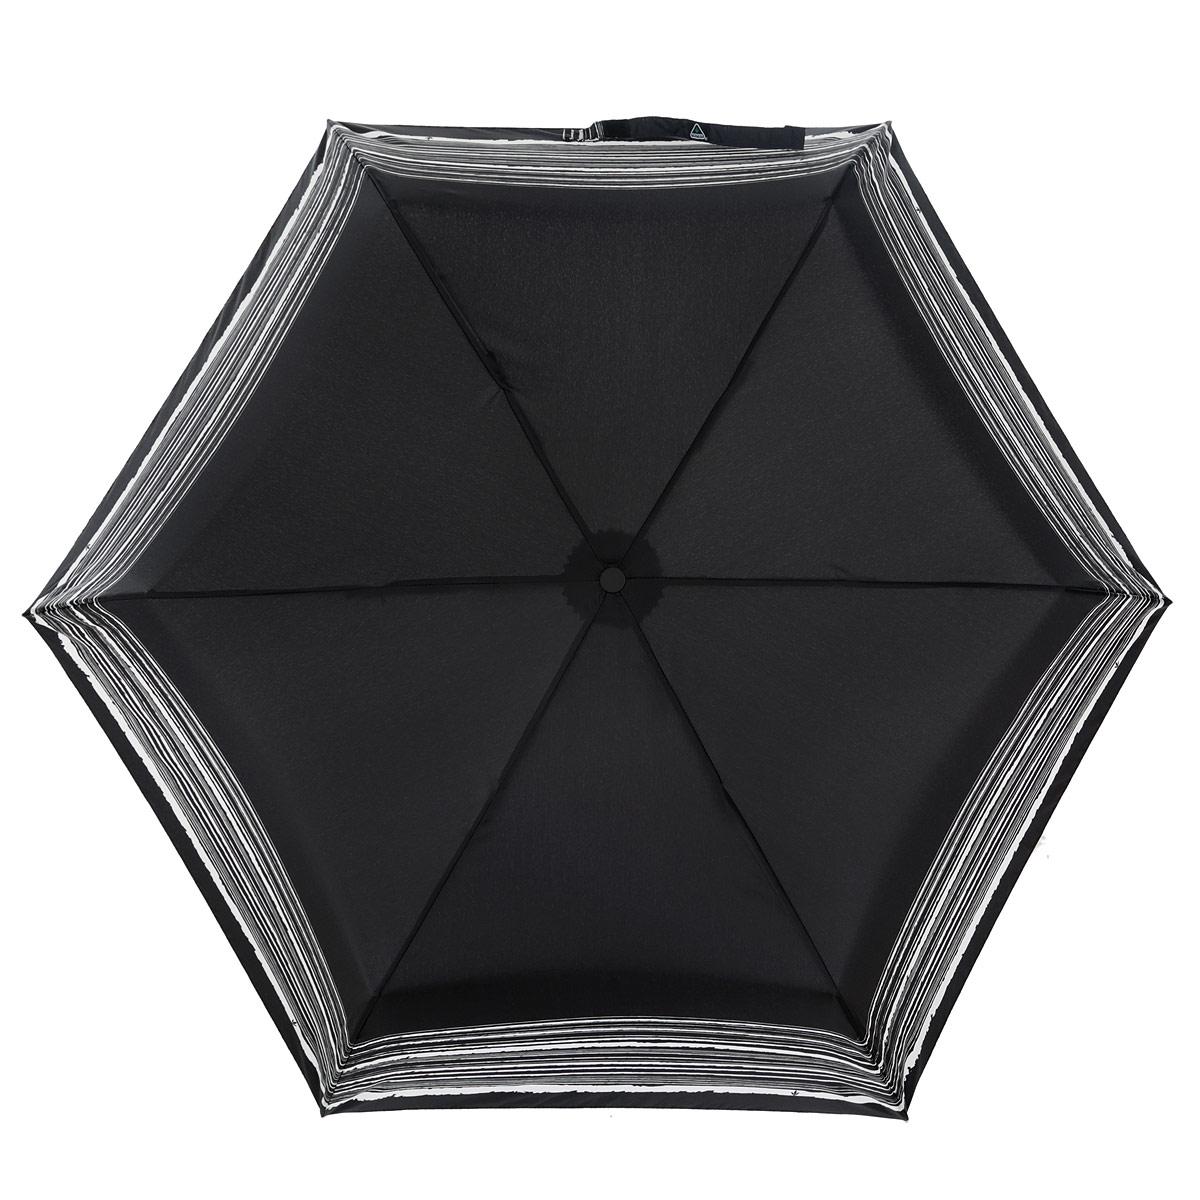 Зонт женский Fulton Superslim-2. Trio, механический, 3 сложения, цвет: черный, белый. L780-289645100088/18072/1000NМодный механический зонт Superslim-2. Trio даже в ненастную погоду позволит вам оставаться стильной и элегантной. Каркас зонта состоит из 8 спиц из фибергласса и металлического стержня. Купол зонта выполнен из прочного полиэстера. Изделие оснащено тремя сменными рукоятками из пластика, кожи и дерева. Зонт механического сложения: купол открывается и закрывается вручную до характерного щелчка.Модель закрывается при помощи одного ремня с липучкой. К зонту прилагается чехол на липучке. Модный зонтик комплектуется картонной коробкой с прозрачным пластиковым окошком.Такой зонт не только надежно защитит вас от дождя, но и станет стильным аксессуаром, который идеально подчеркнет ваш неповторимый образ.